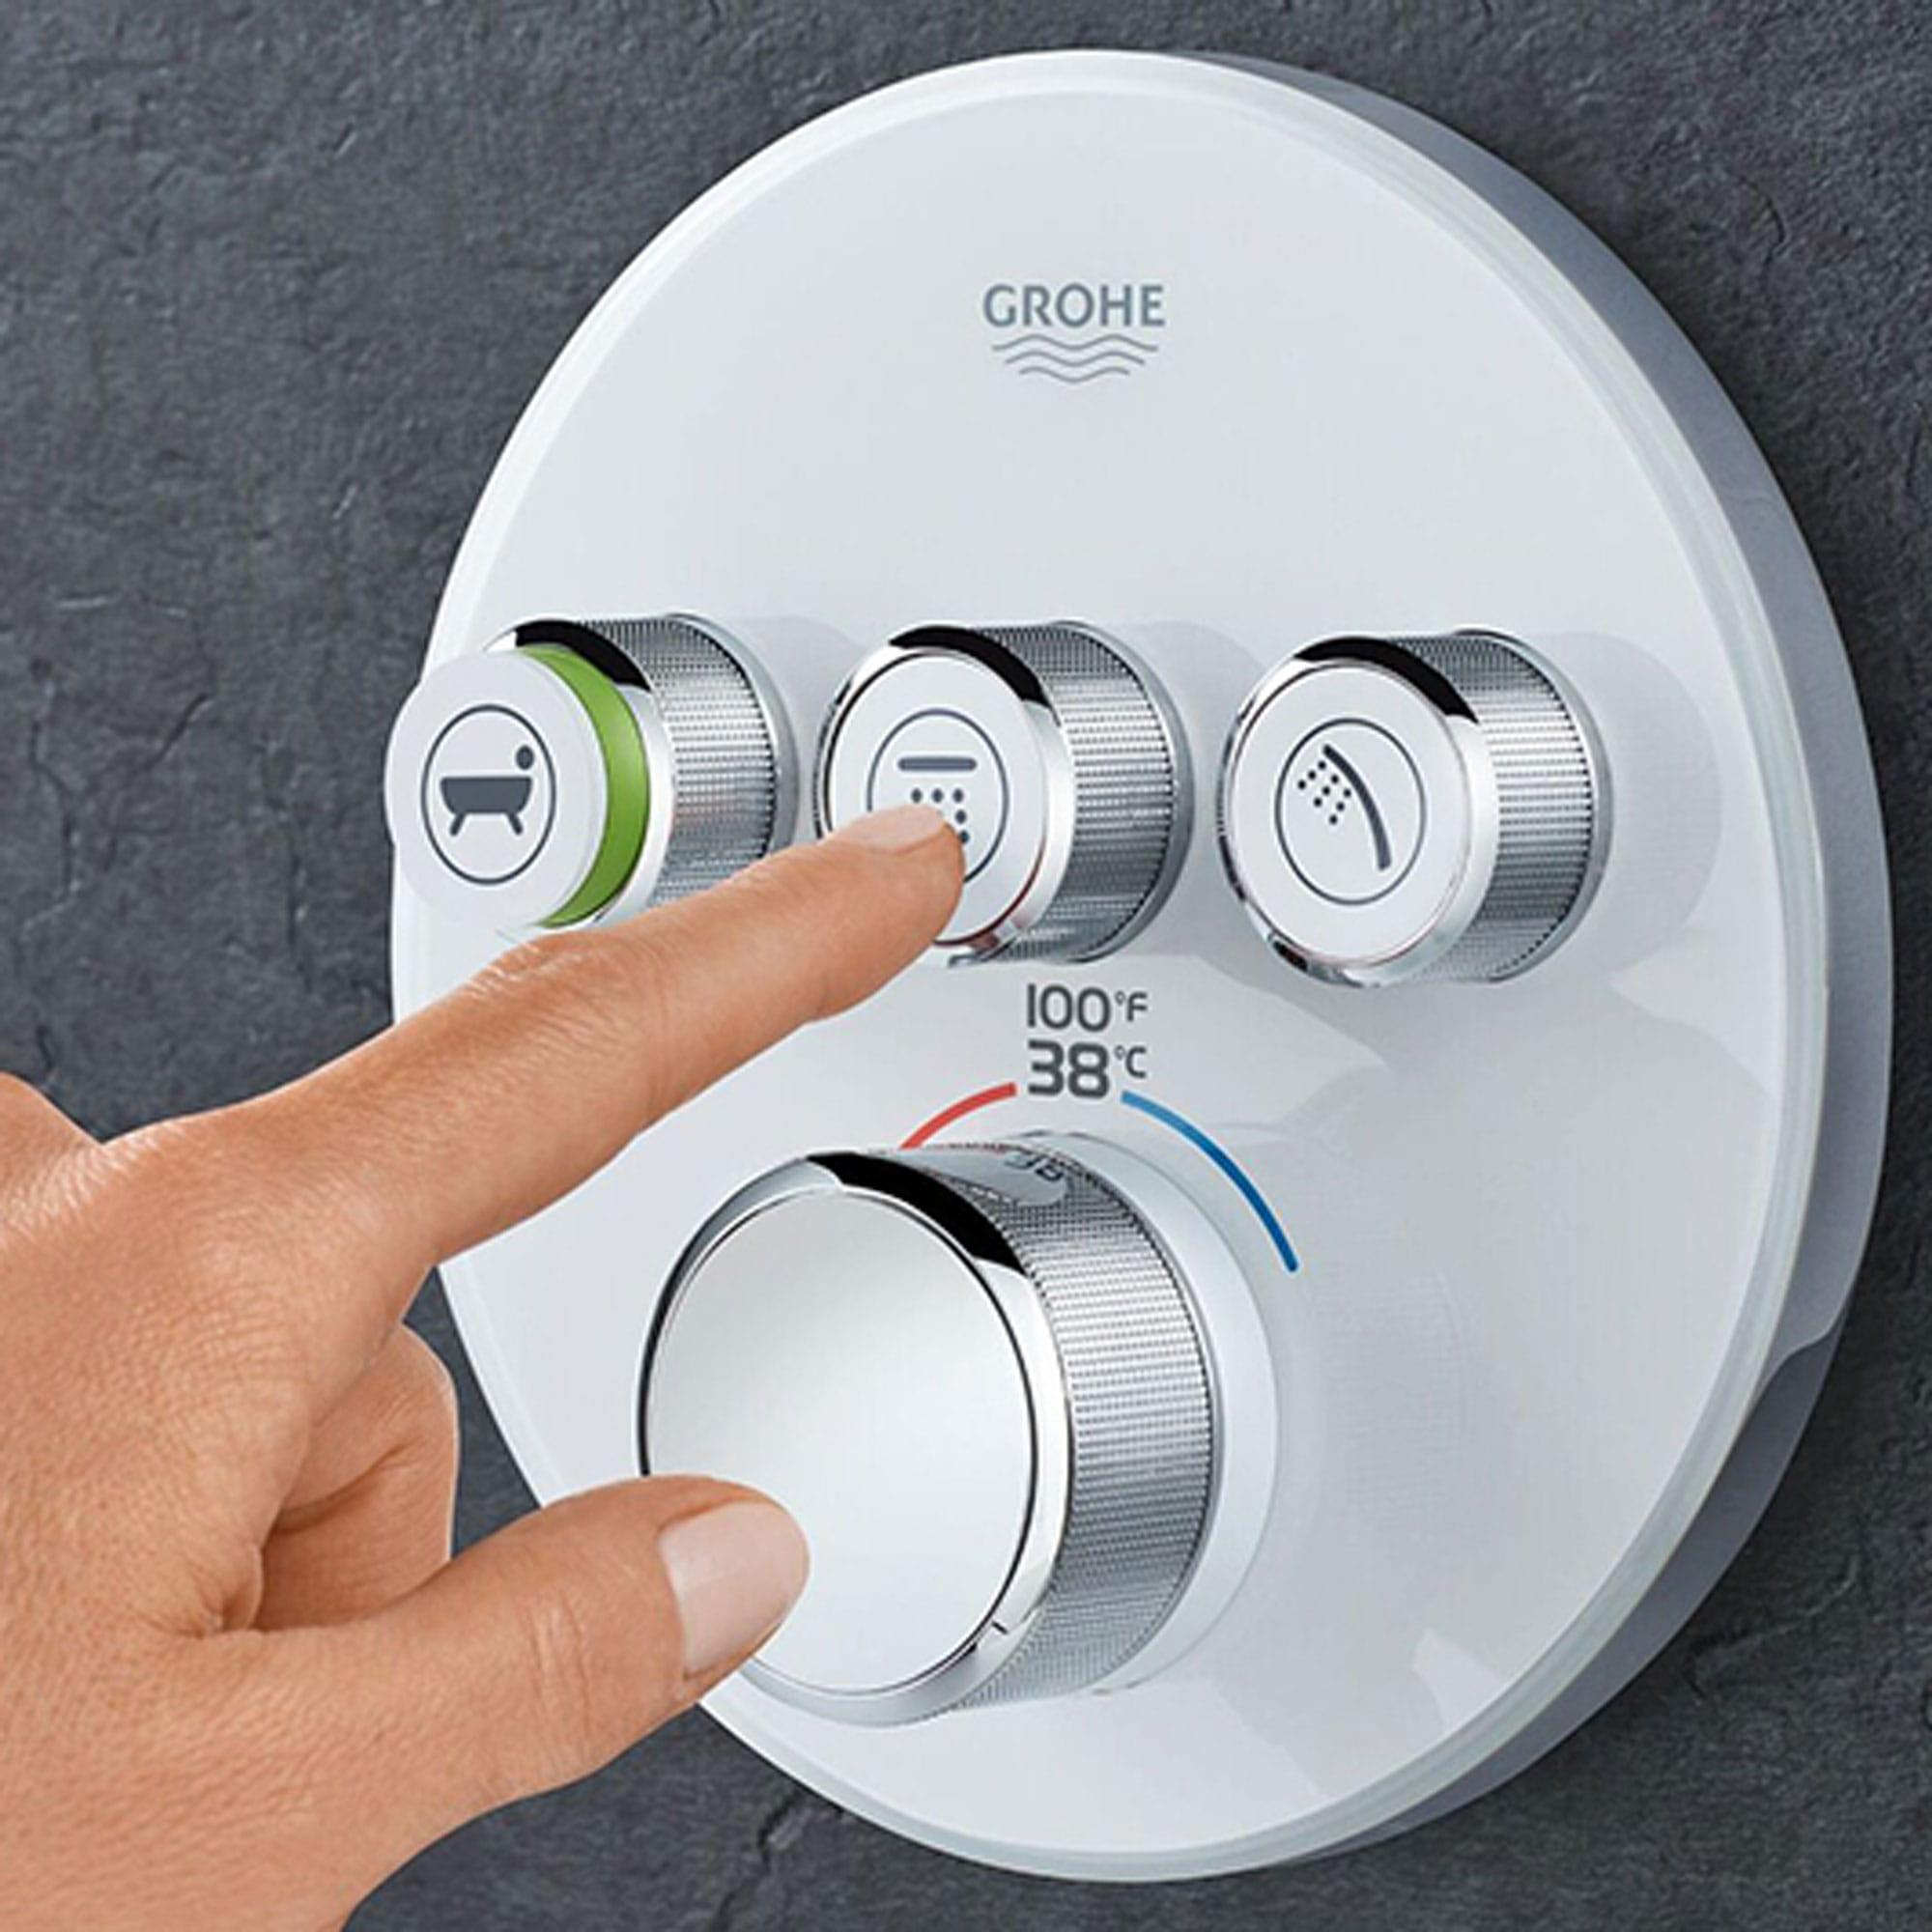 personne appuyant bouton Grohe bouton de douche